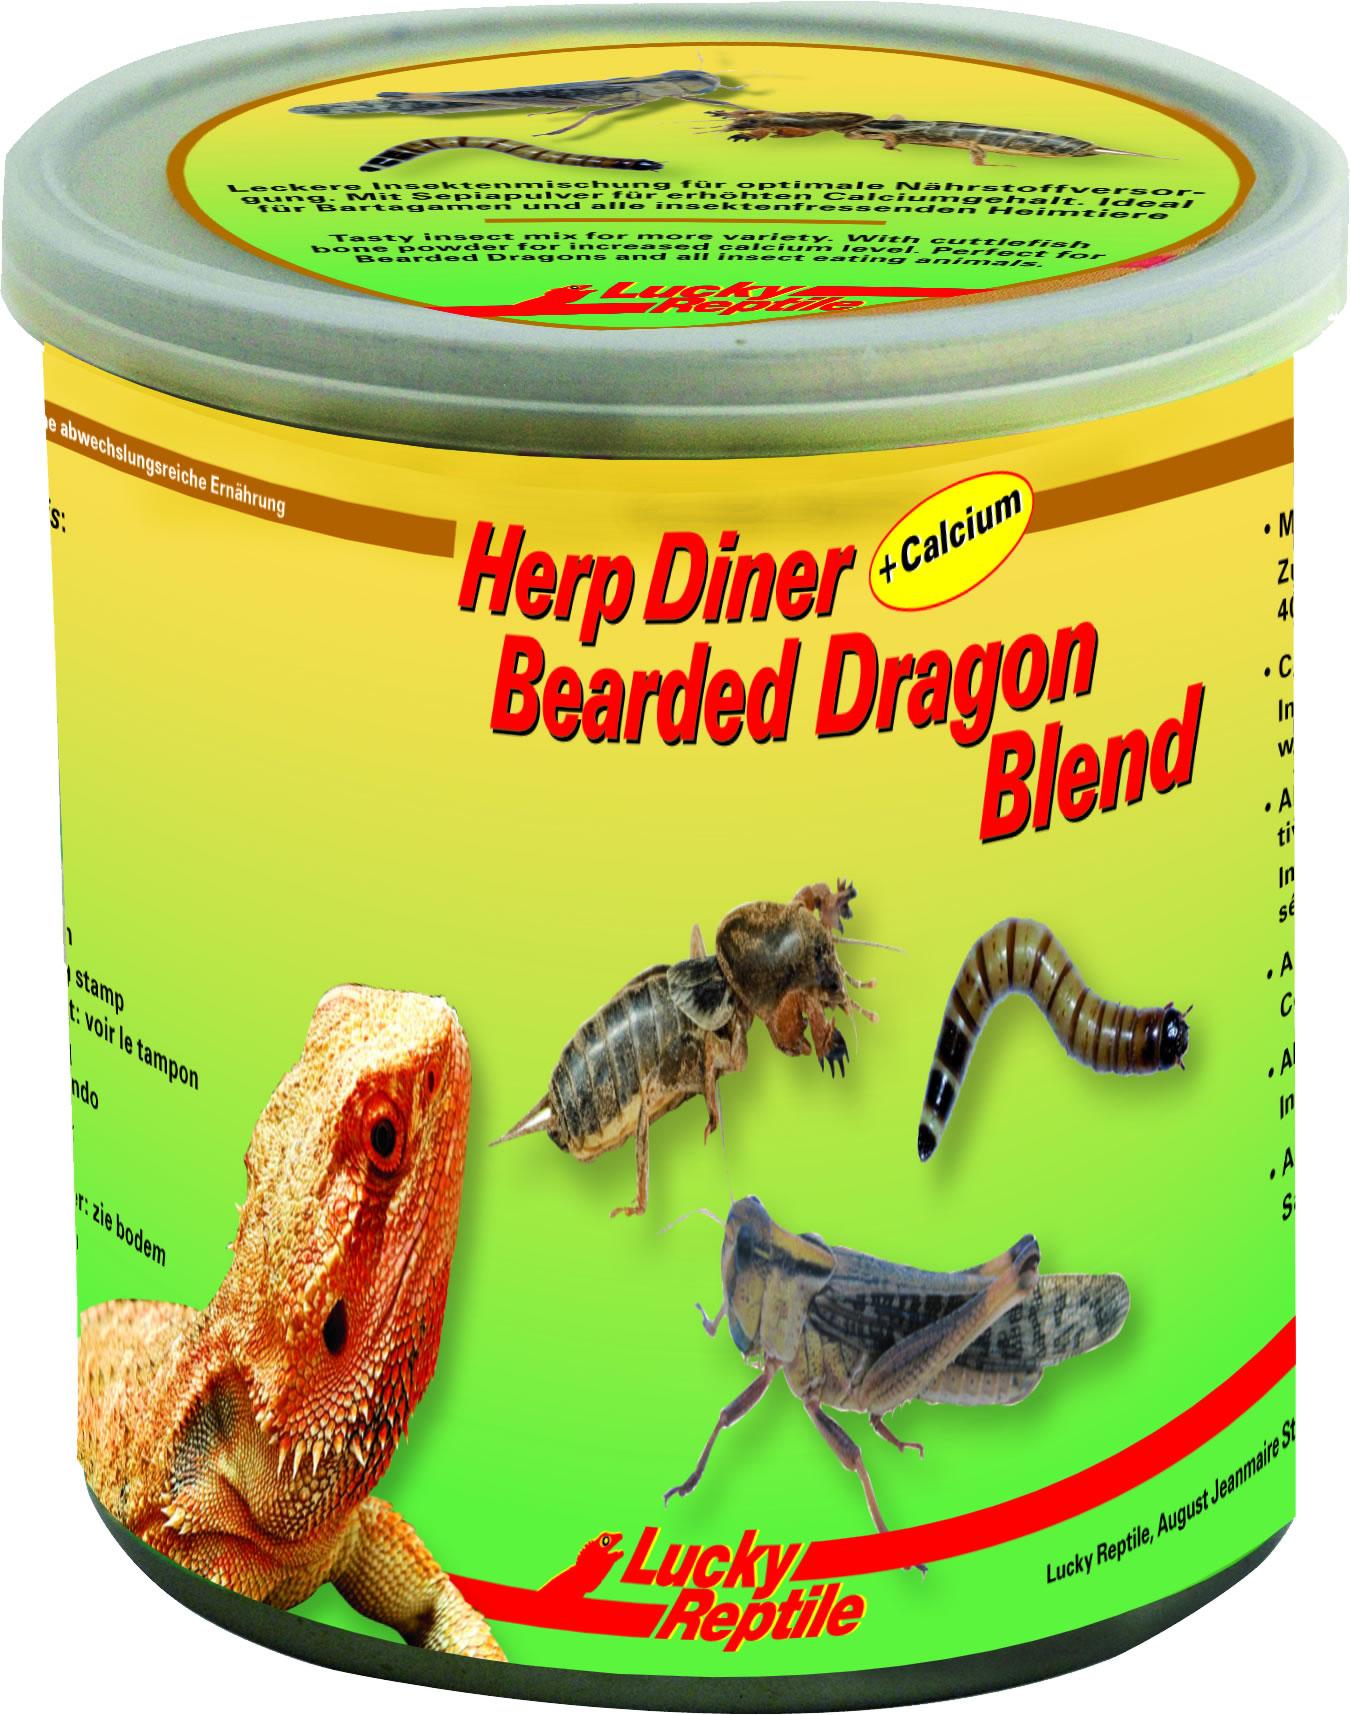 Lucky Reptile Herp Diner Bearded Dragon Blend - 70 g